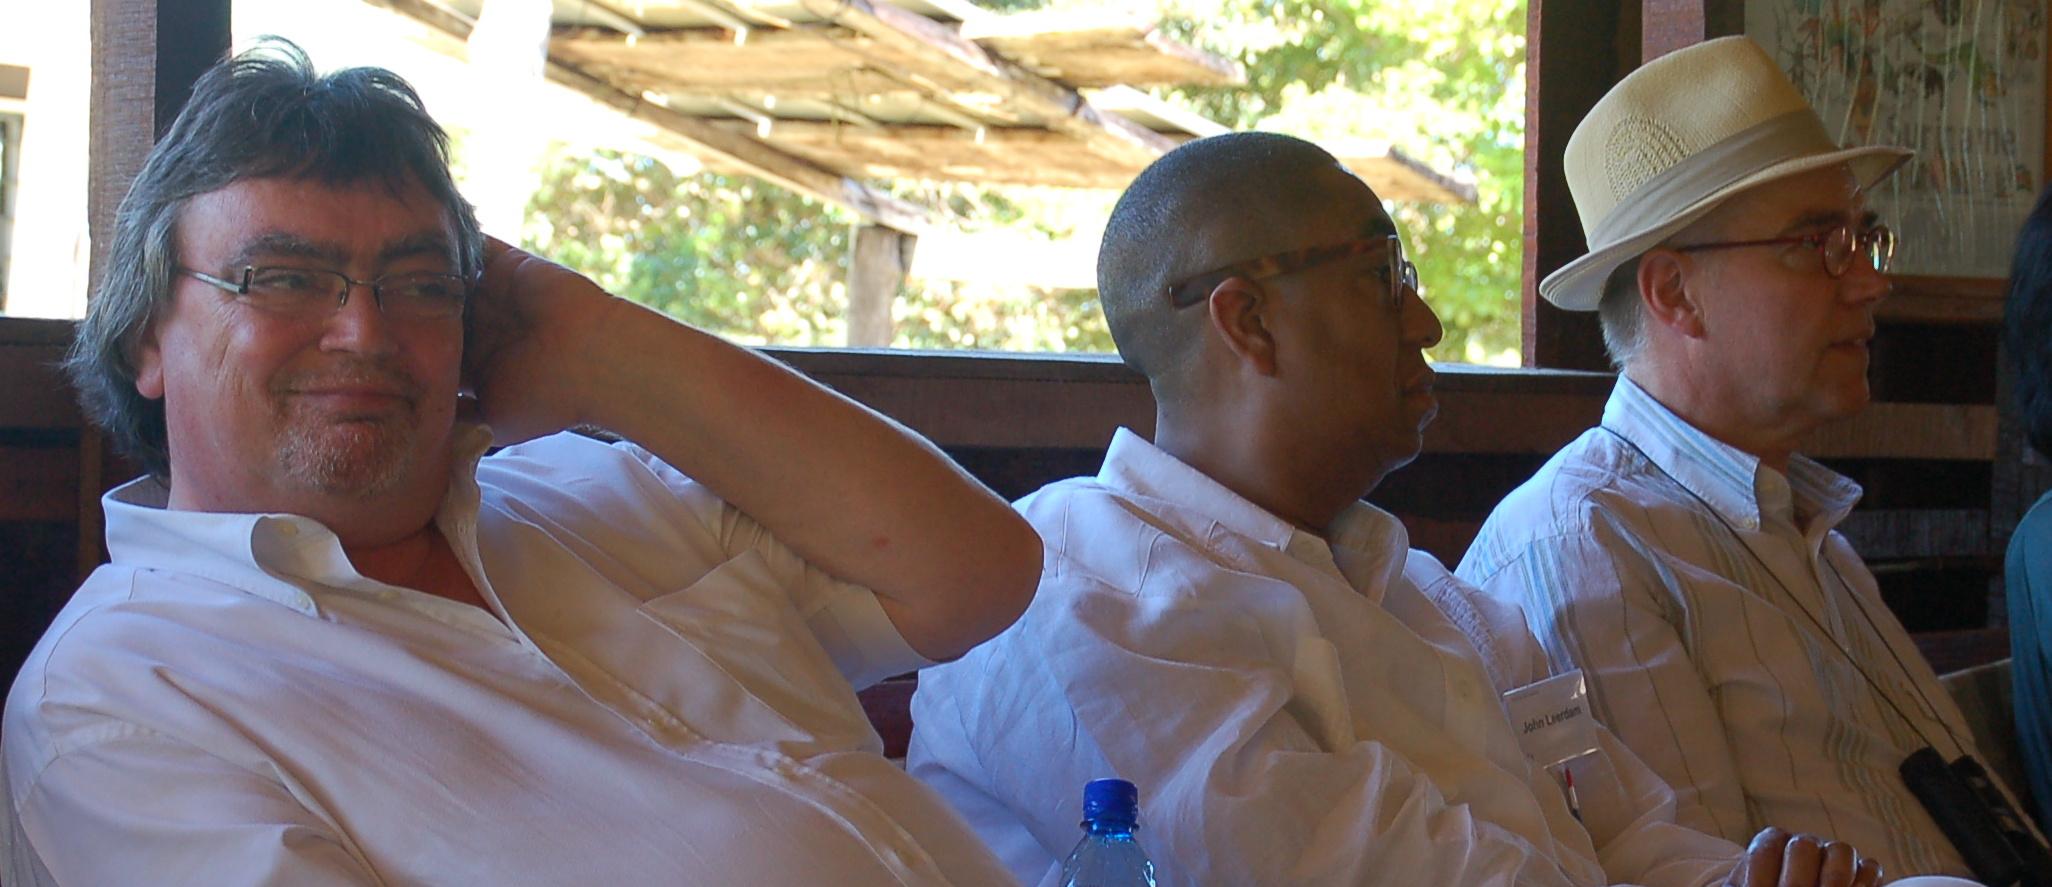 Met Dany voor de Taalunie in Suriname